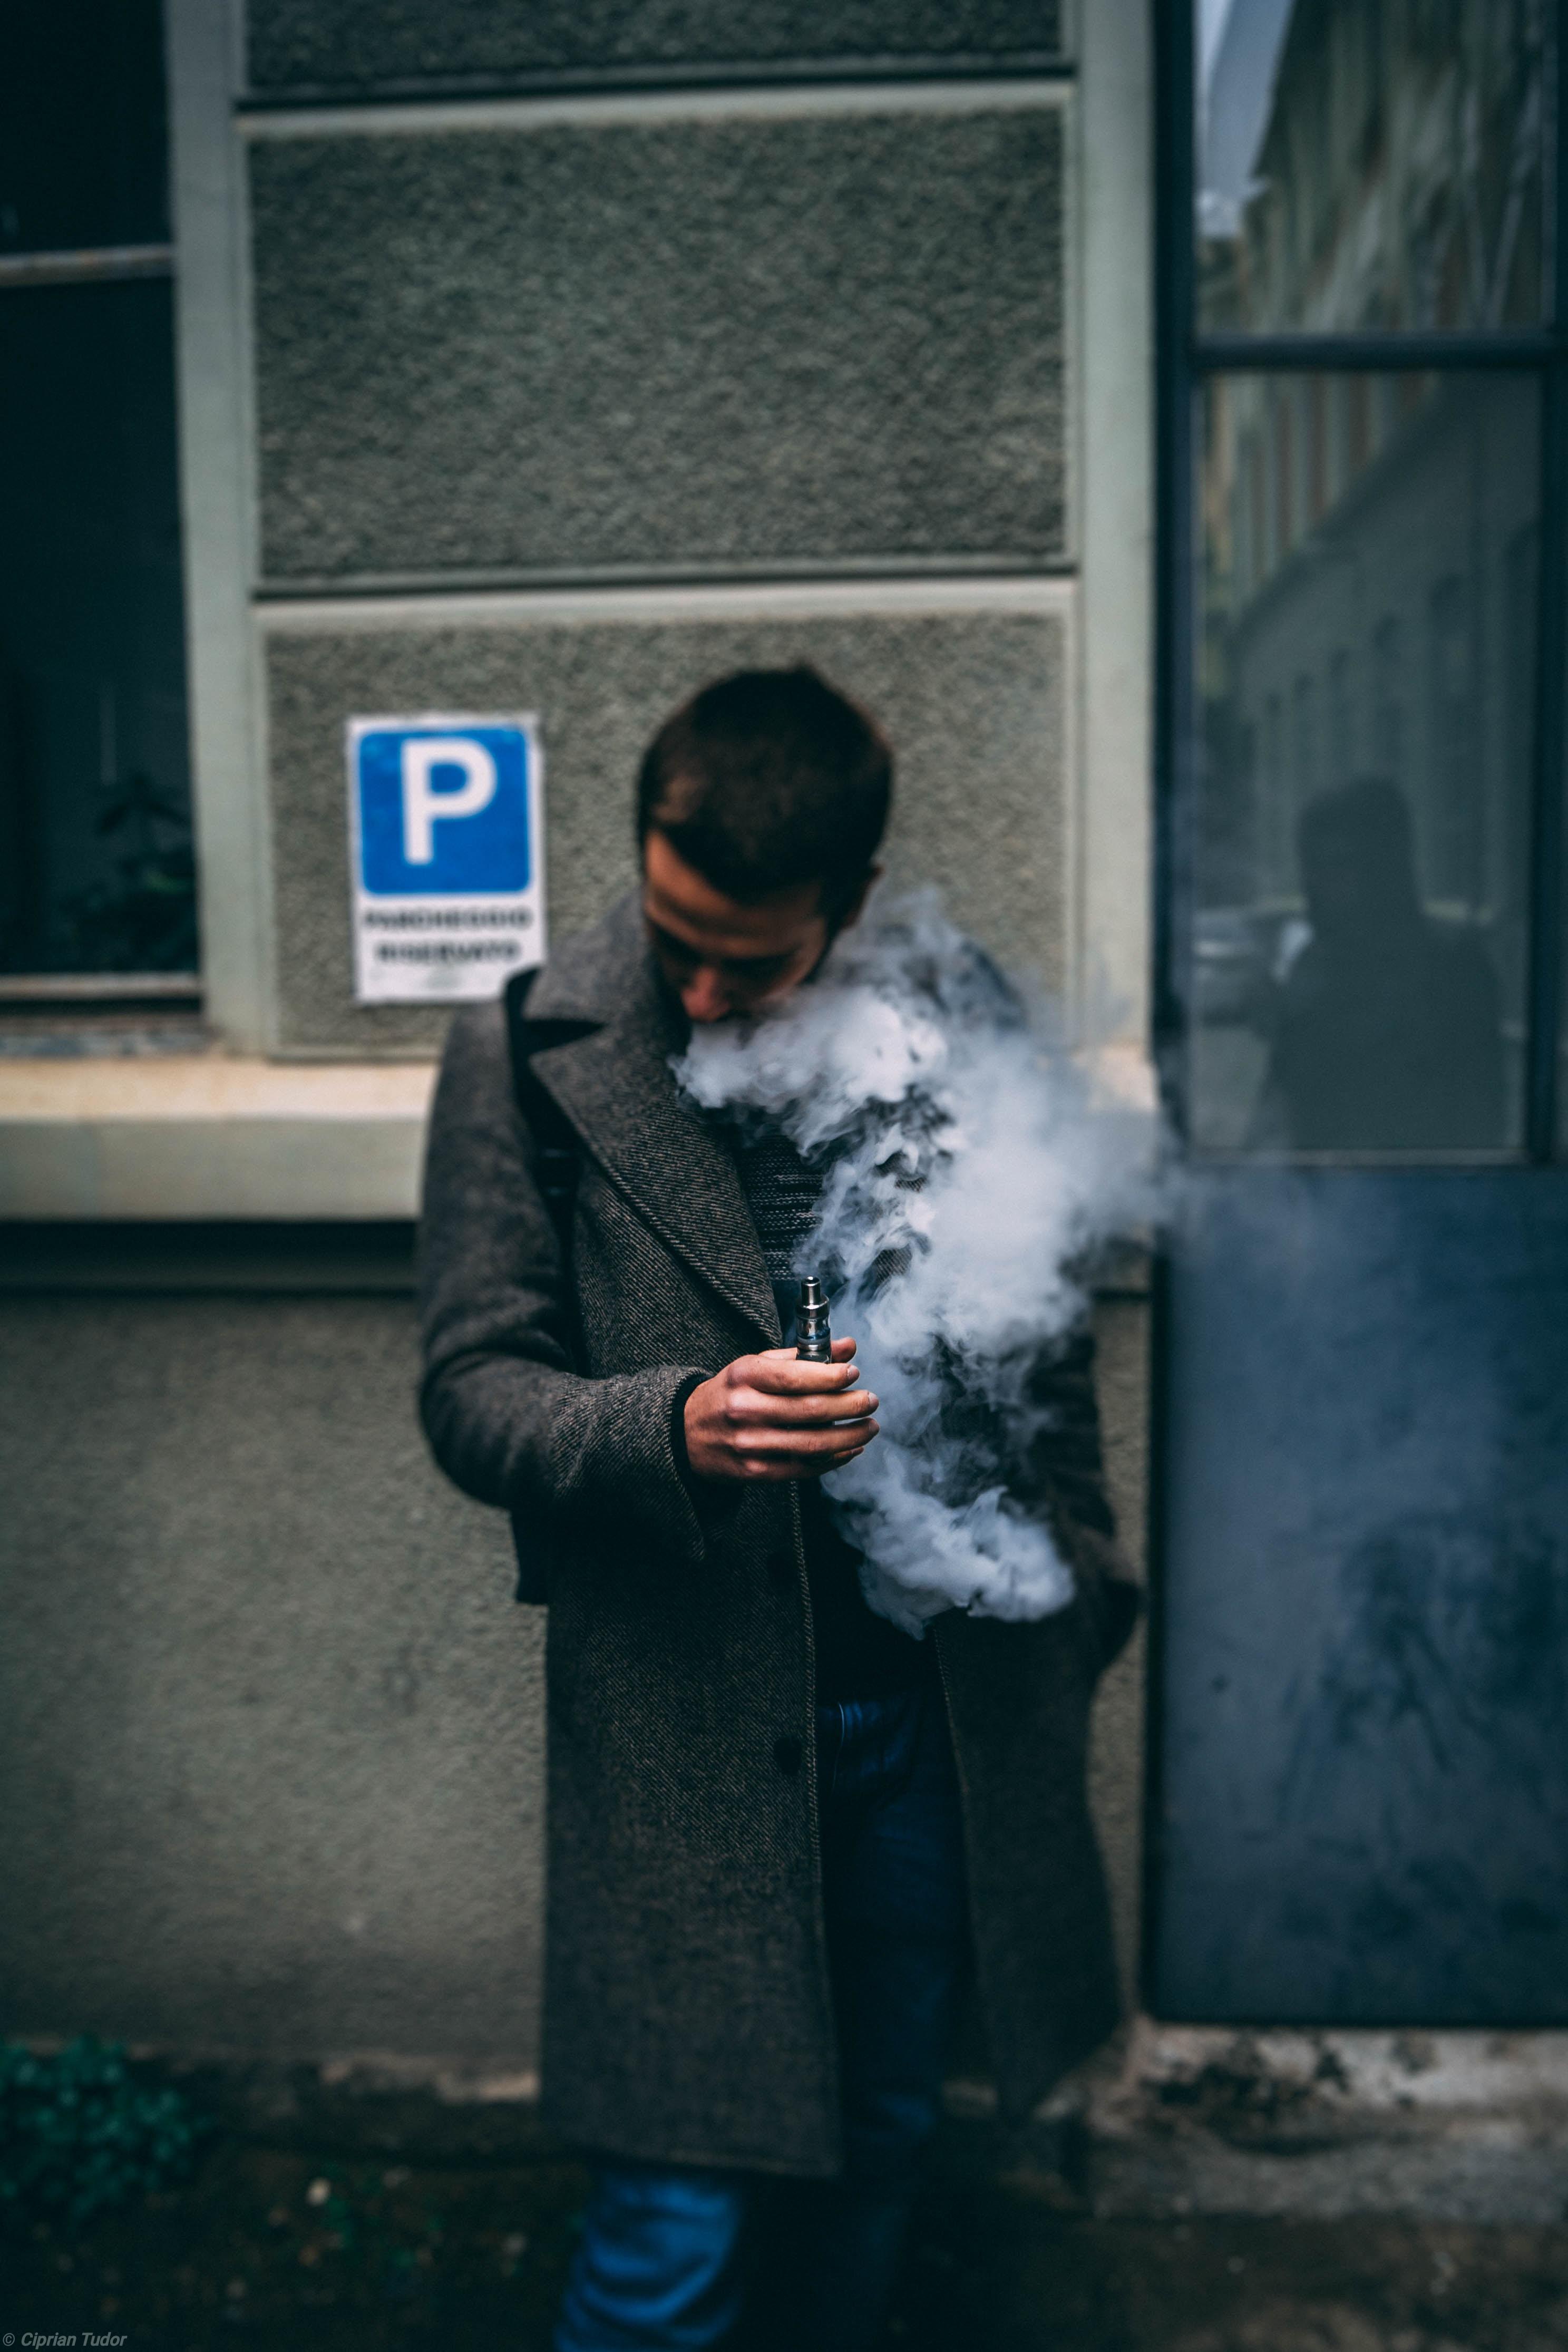 Casos graves relacionados ao cigarro eletrônico crescem nos EUA